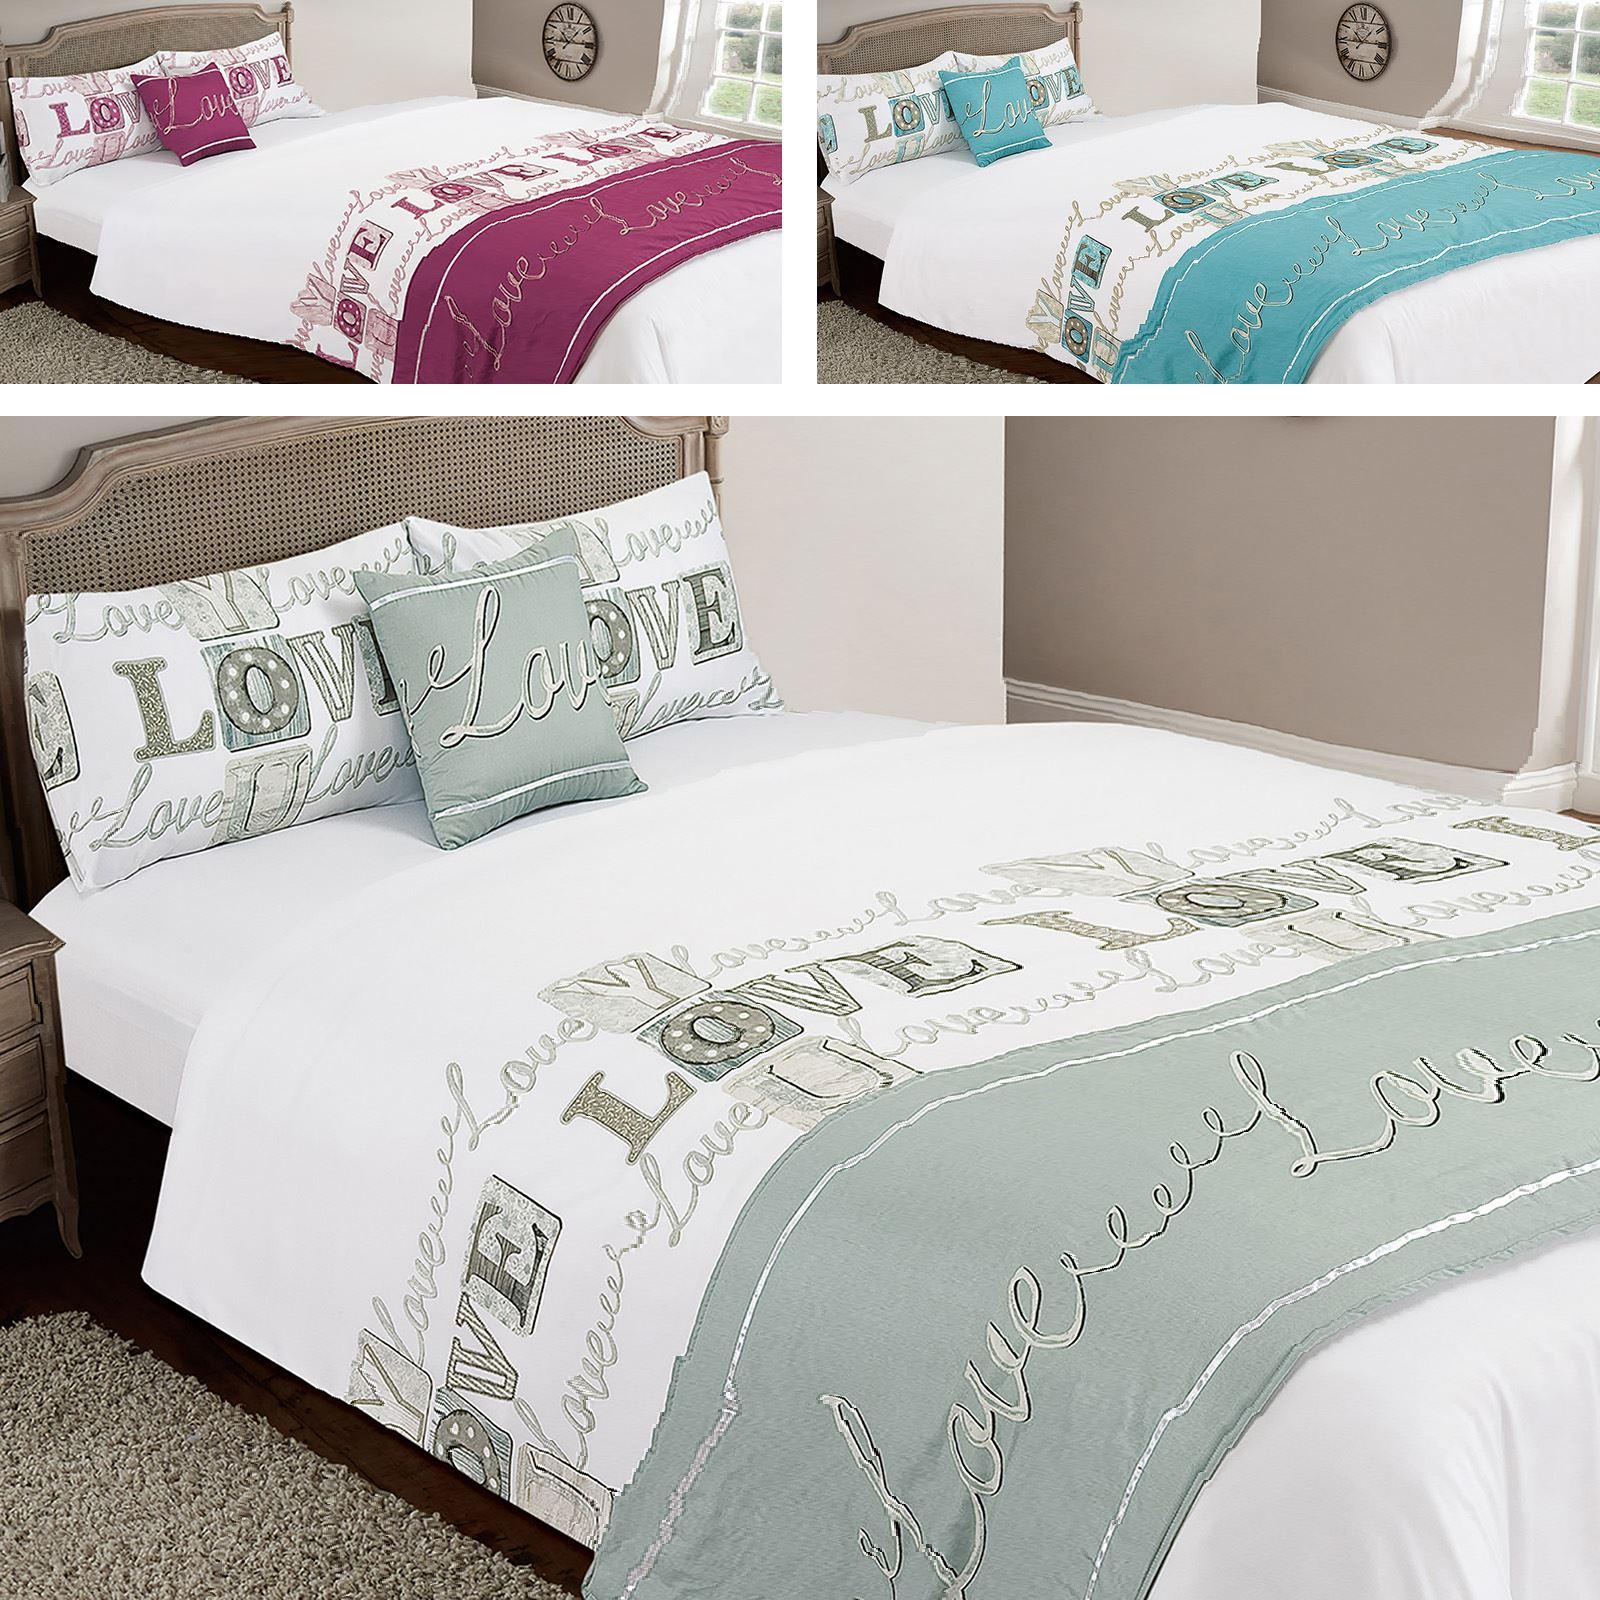 Bed Sheet Shrinkage